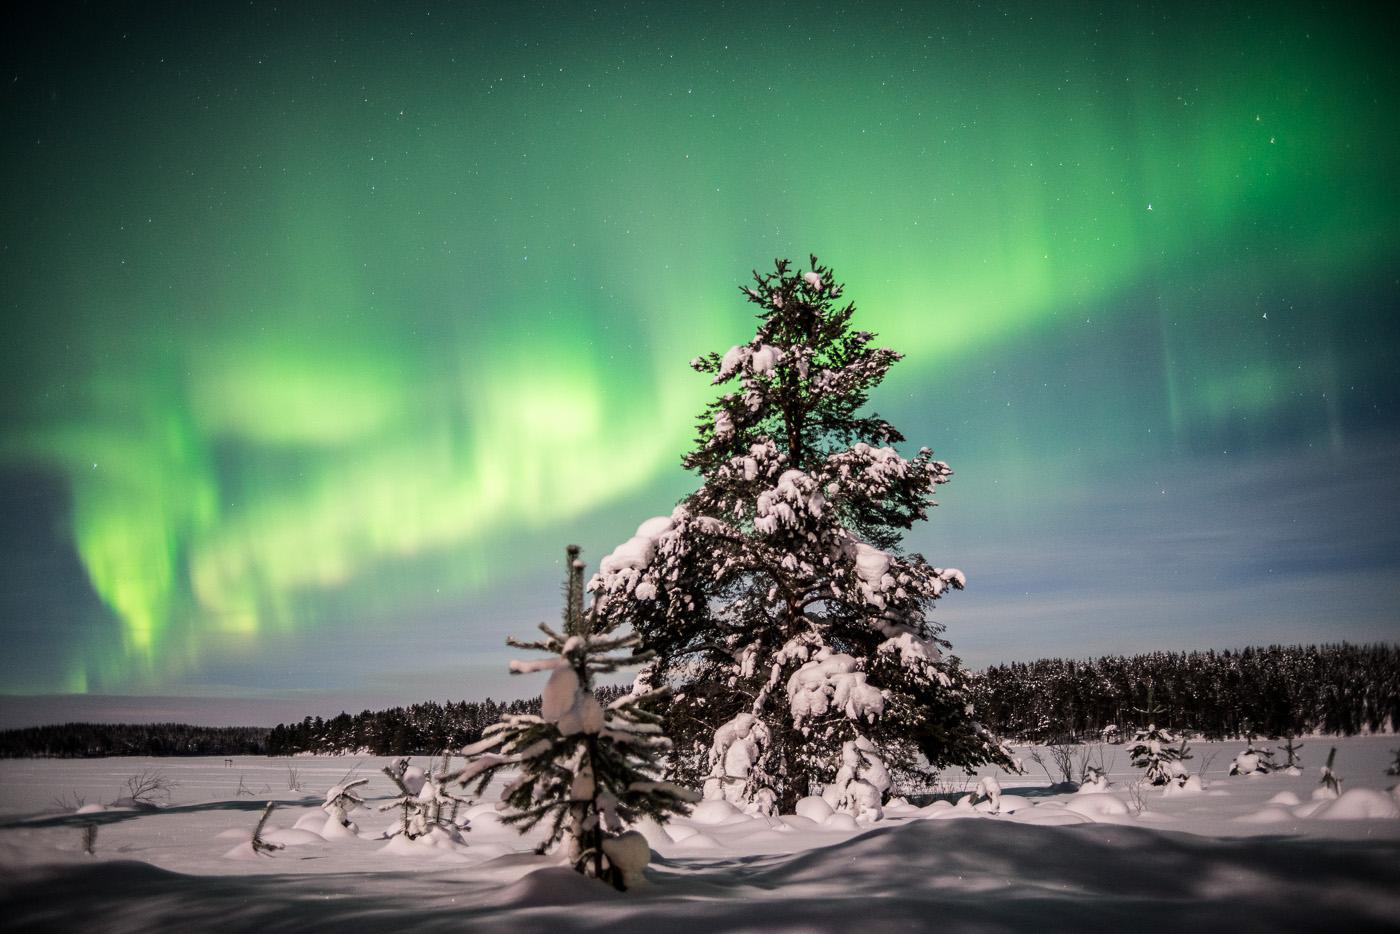 Aurora over Lapland